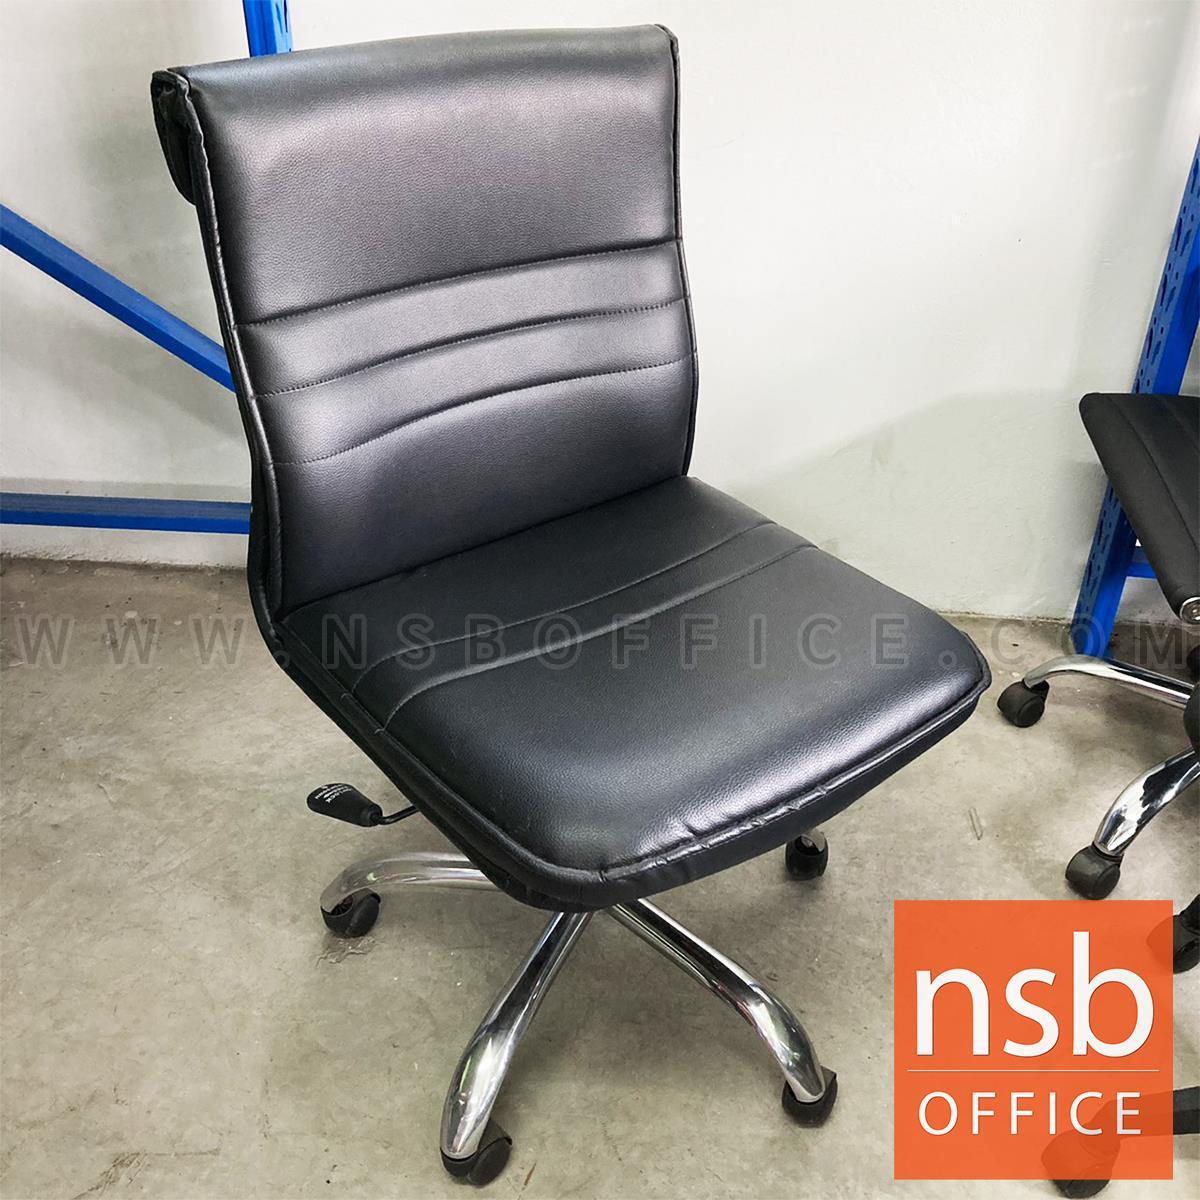 L02A378:เก้าอี้สำนักงาน   โช๊คแก๊ส มีก้อนโยก ขาเหล็ก